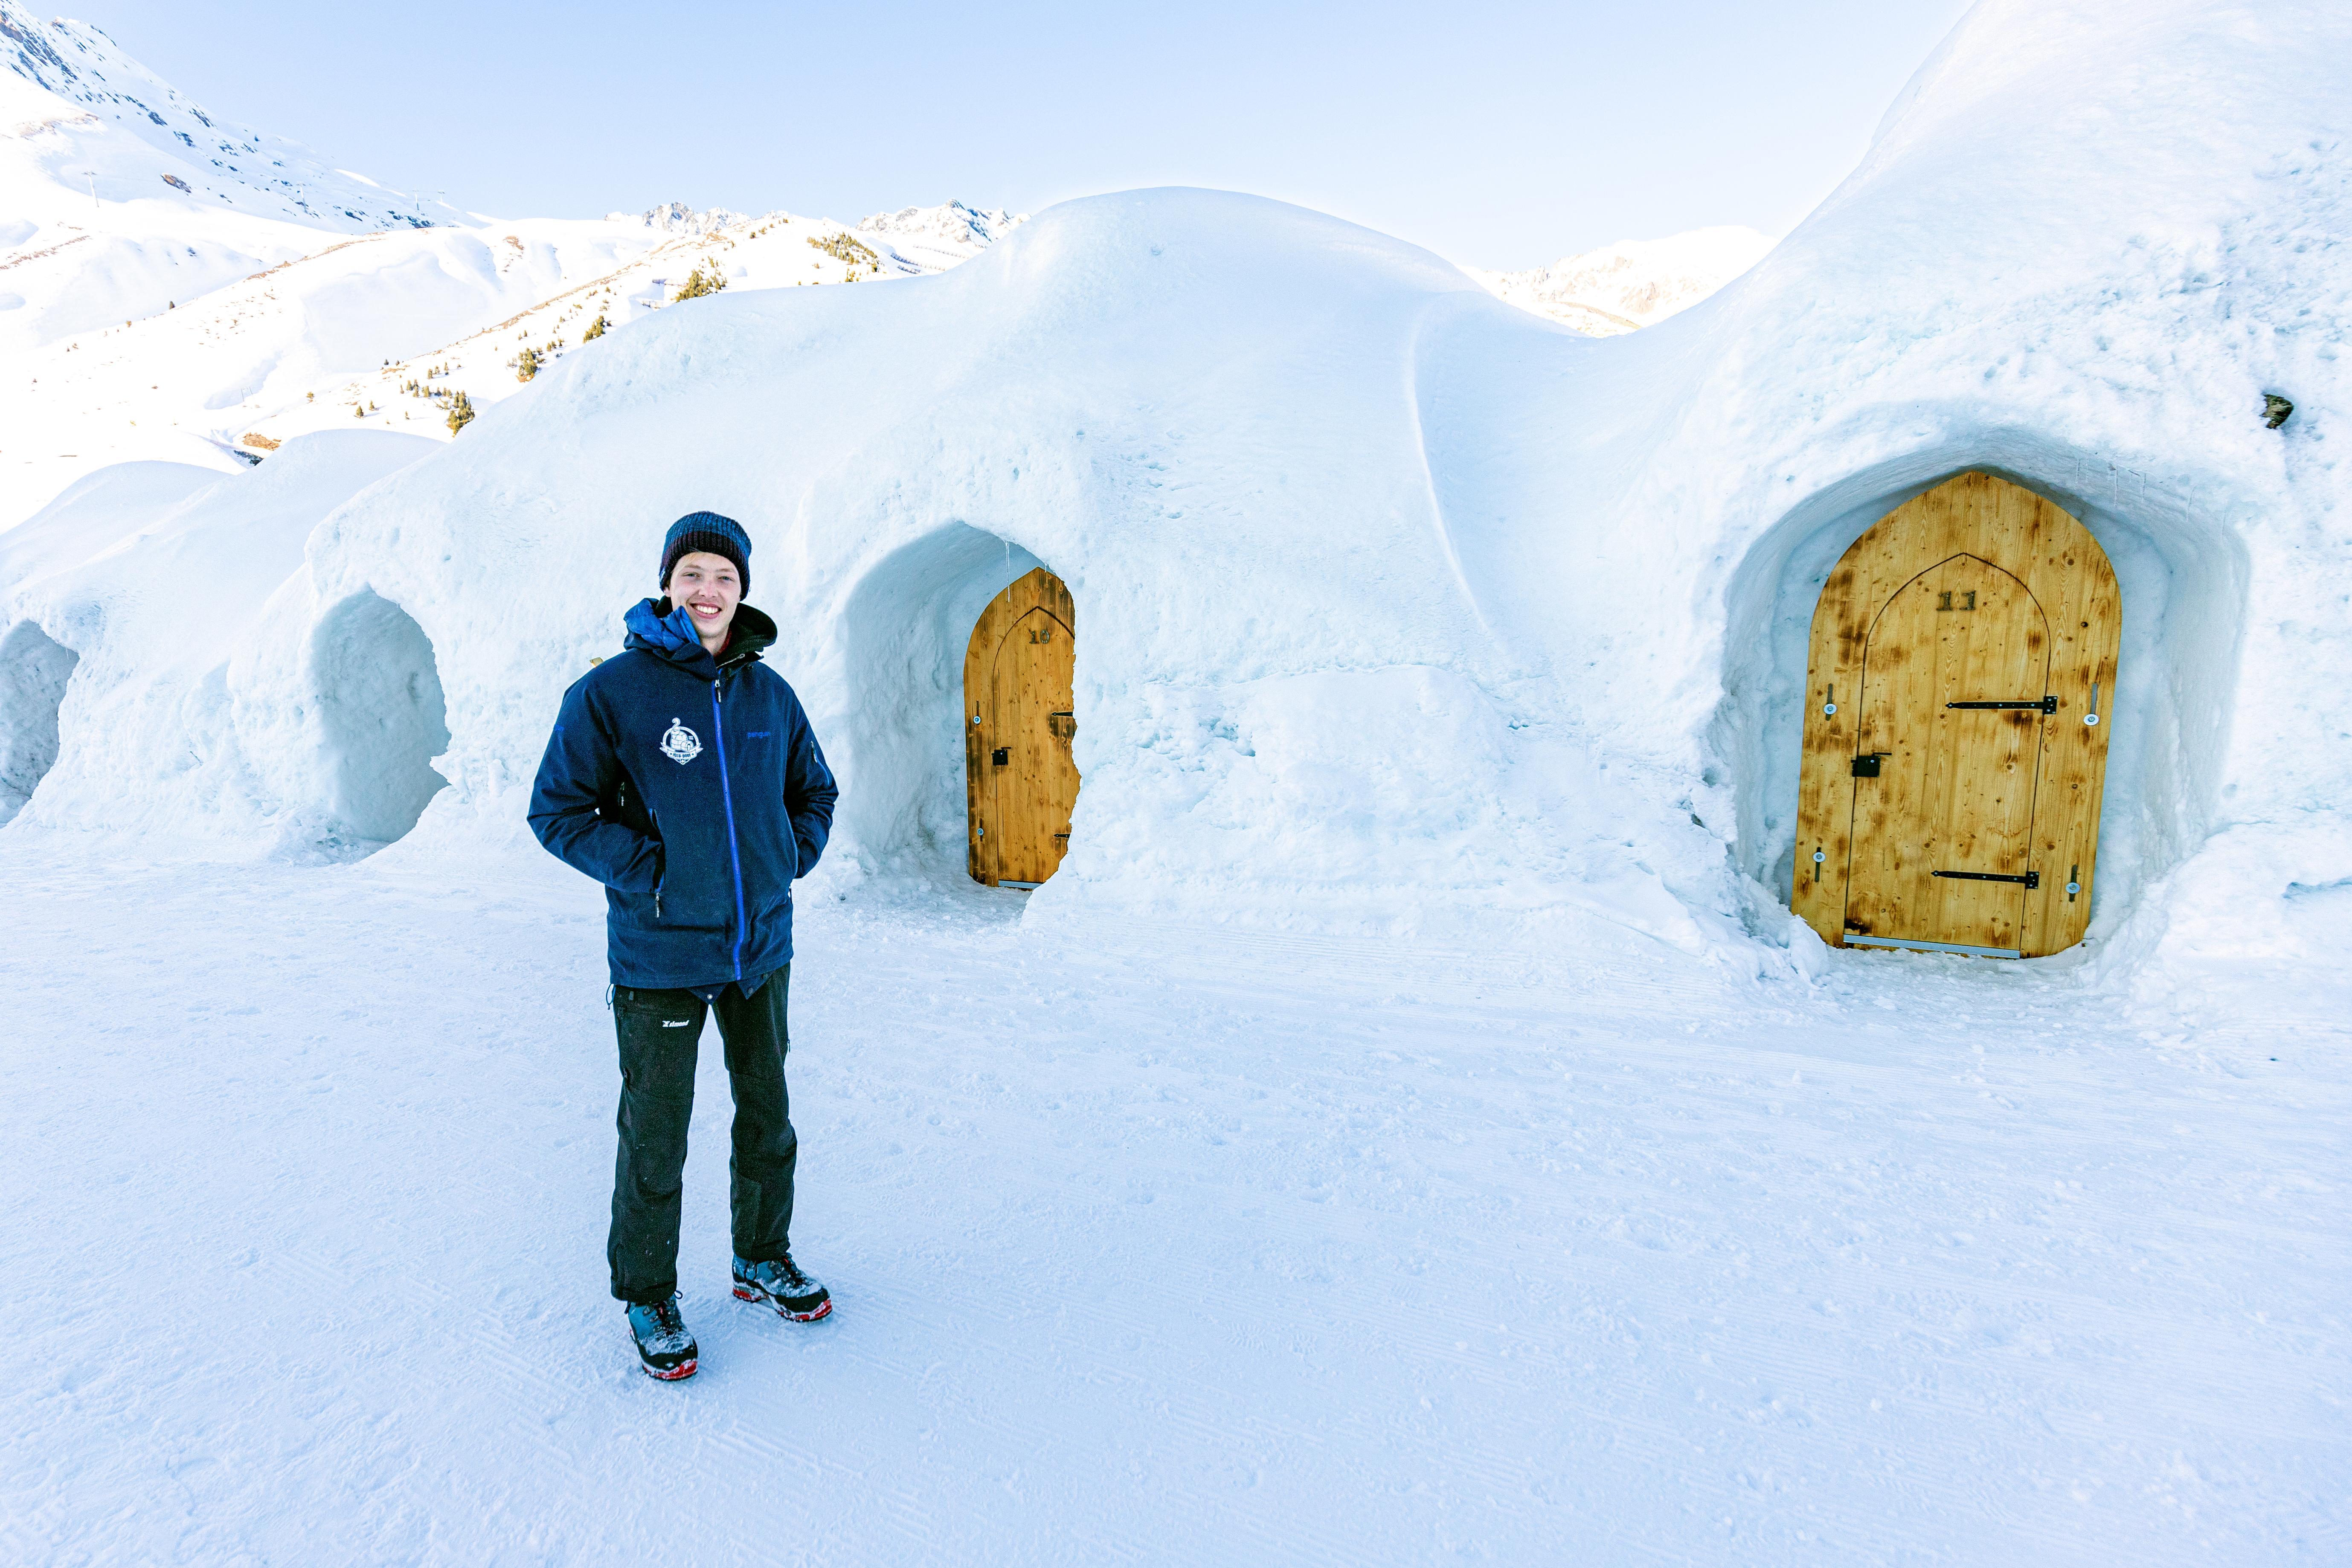 Reinoud Kotte uit Leiderdorp werkt in Innsbruck in een iglohotel